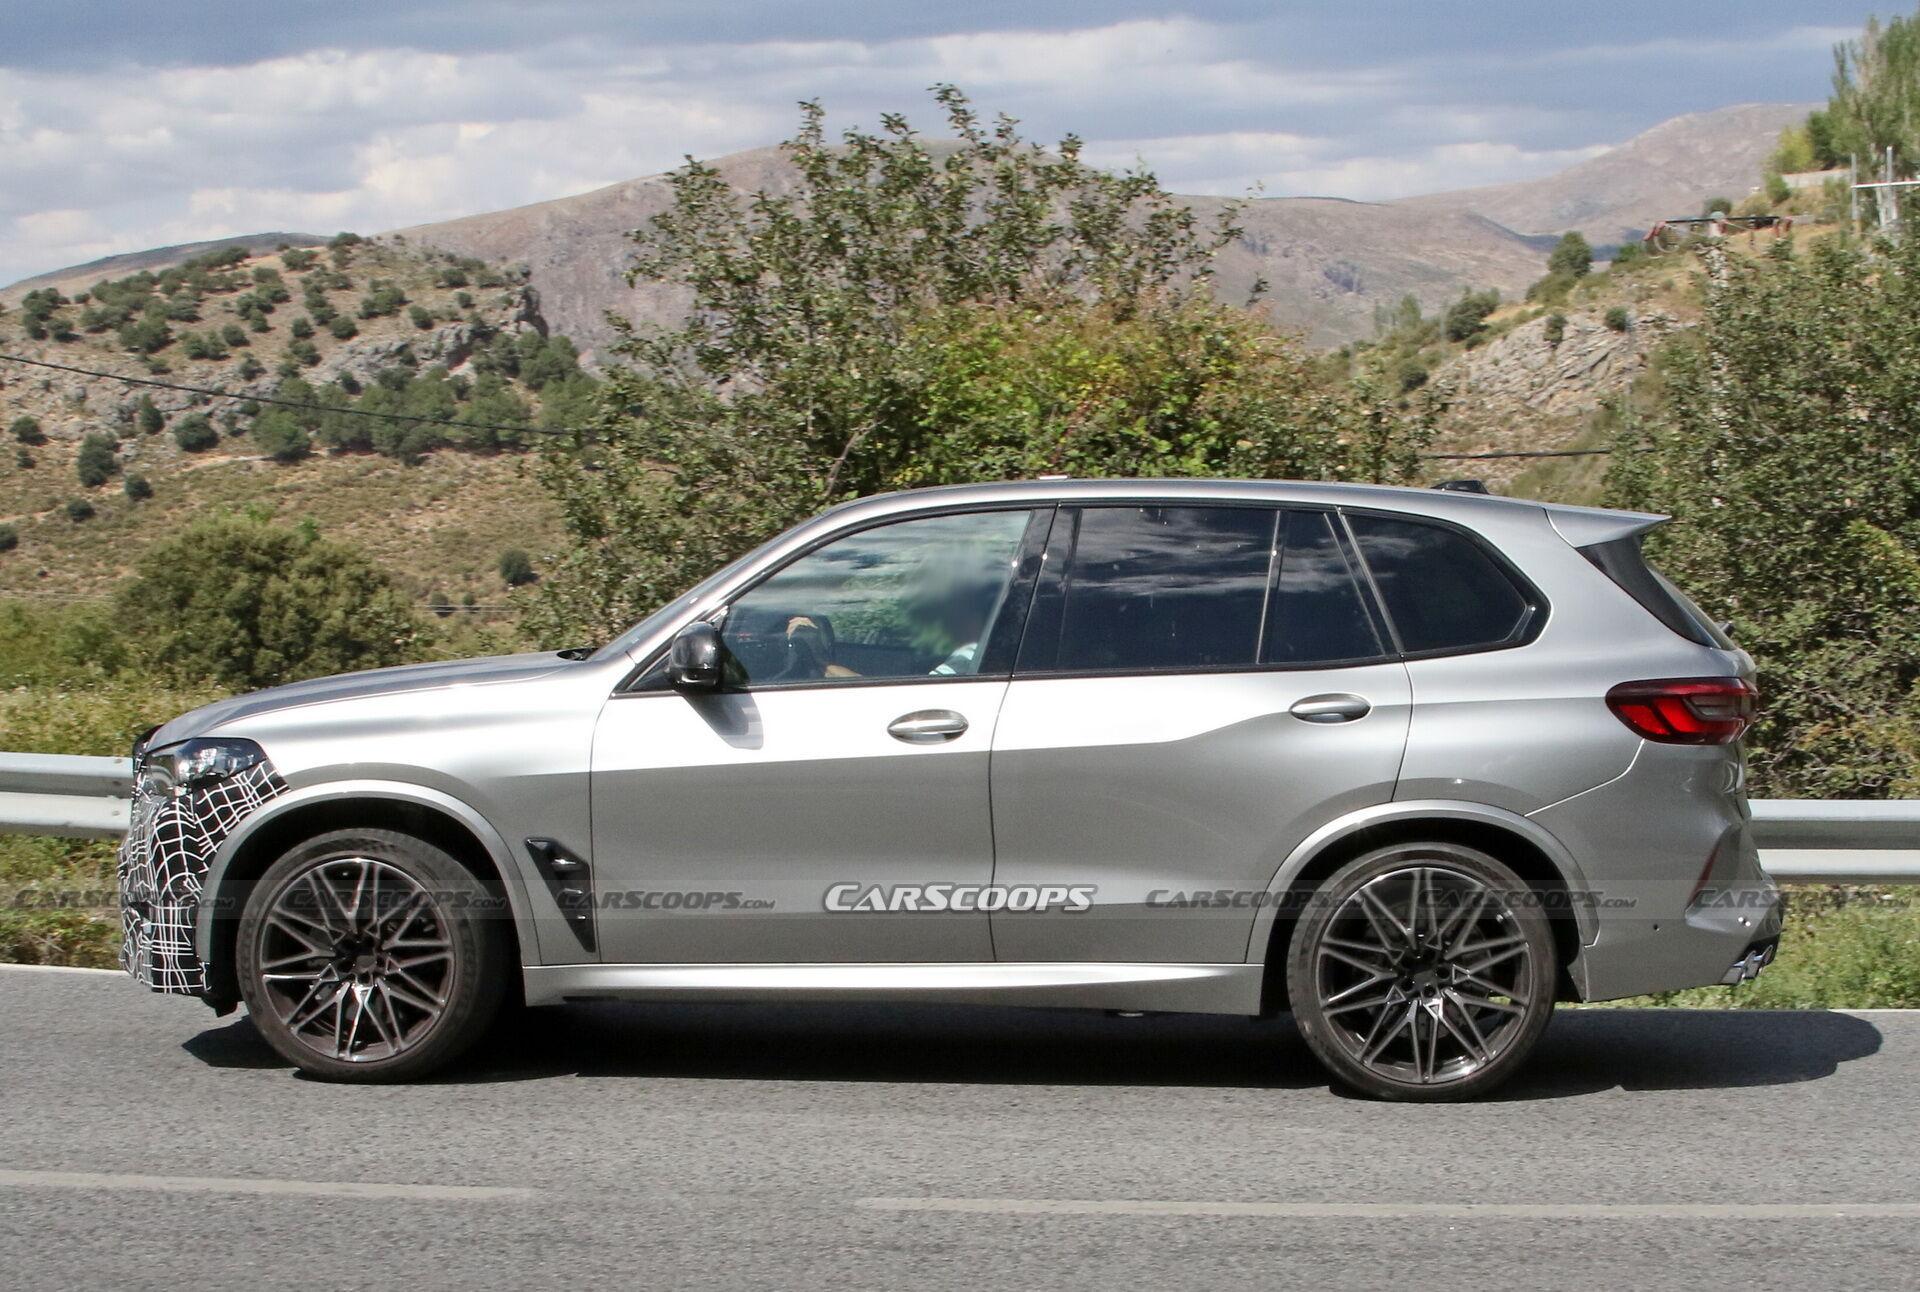 Рестайлинговый BMW X5 M будет оснащаться 4,4-литровым двигателем V8 с двумя турбинами, мощность которого будет увеличена